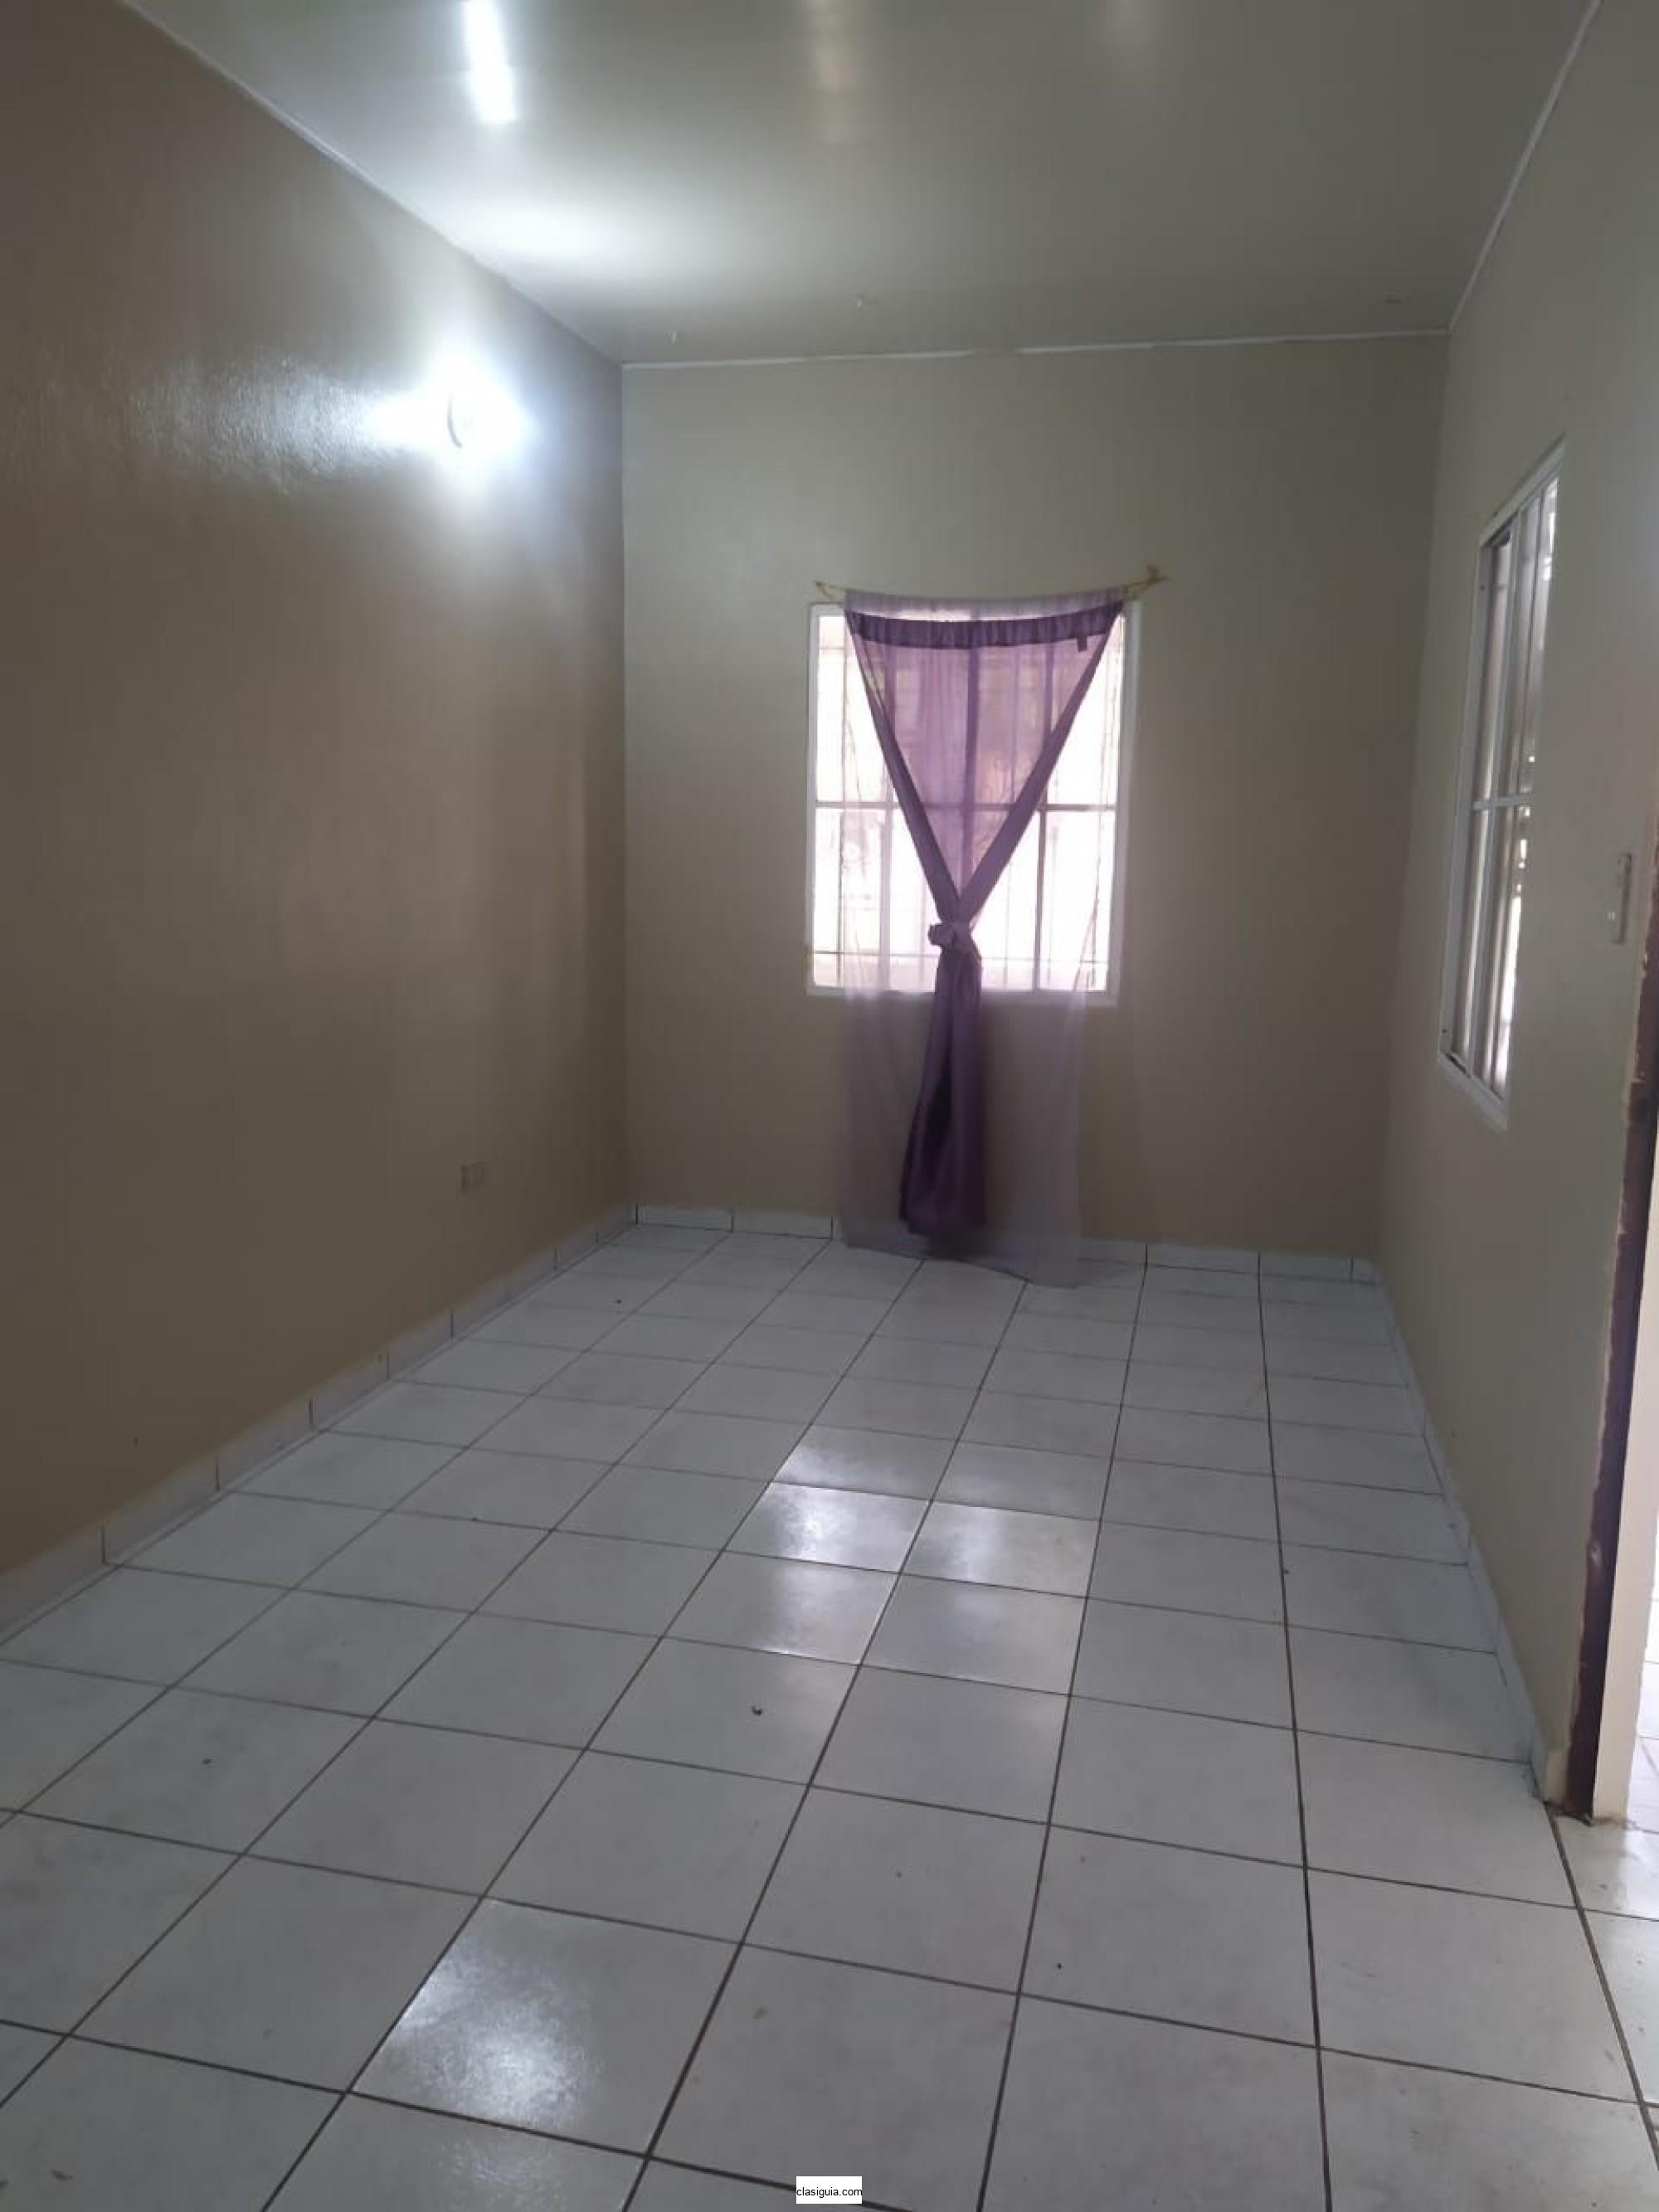 Vendo casa en privado, Resid. Tenerife 3, Cdad. Real, Santa Ana